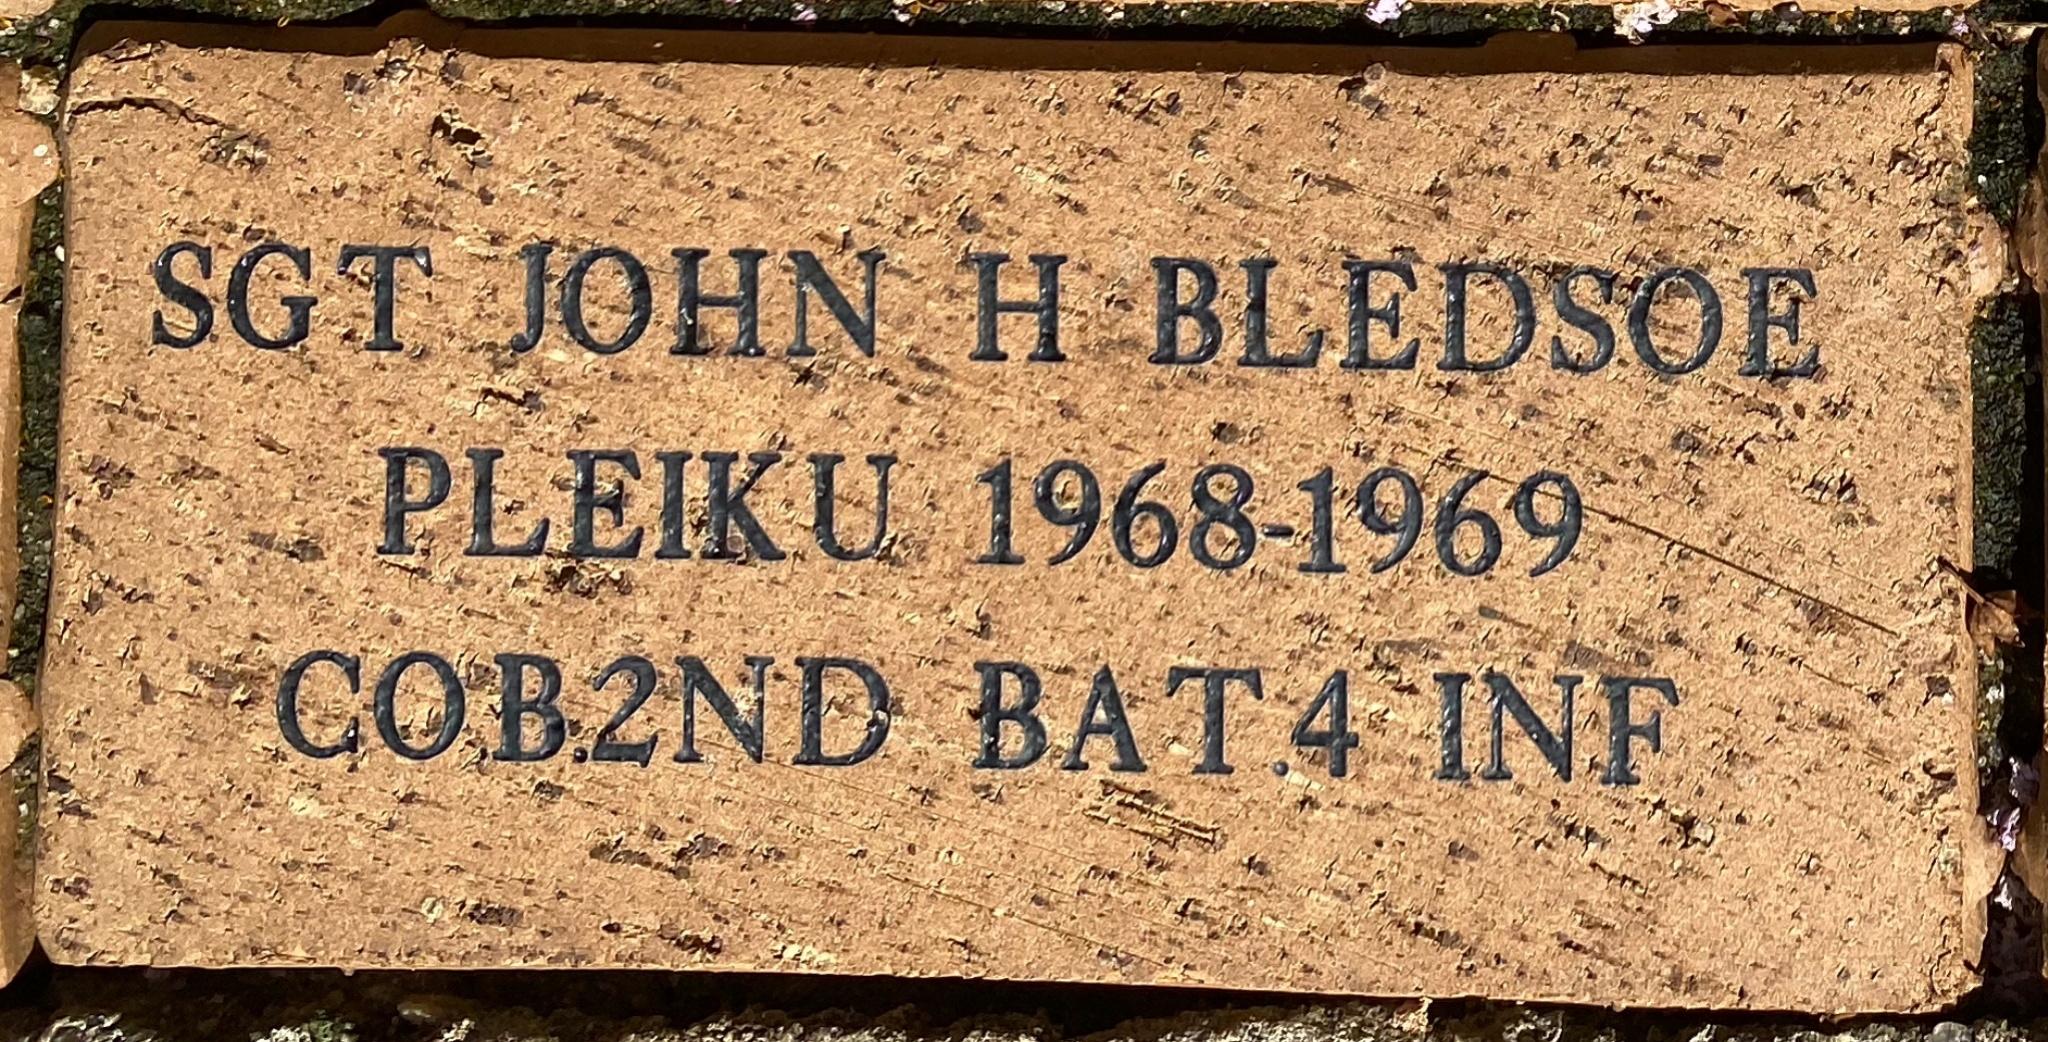 SGT JOHN H BLEDSOE PLEIKU 1968-1969 COB.2ND BAT 4 INF